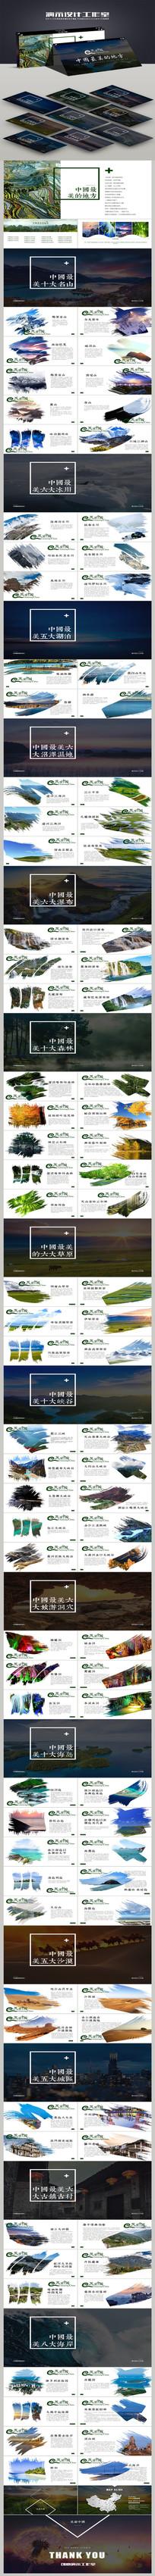 美丽中国旅行摄影中国最美地方